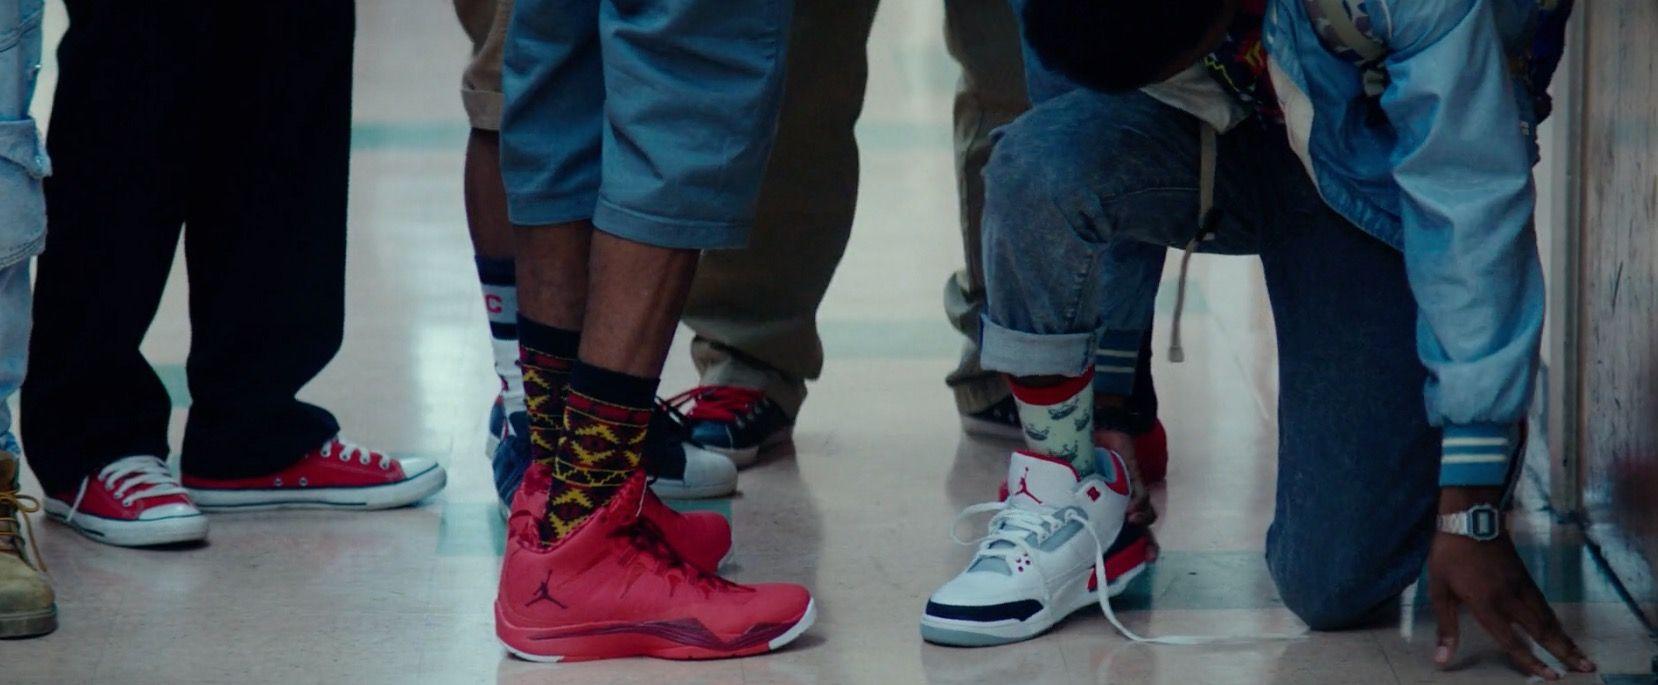 air jordan shoes in movies 745996